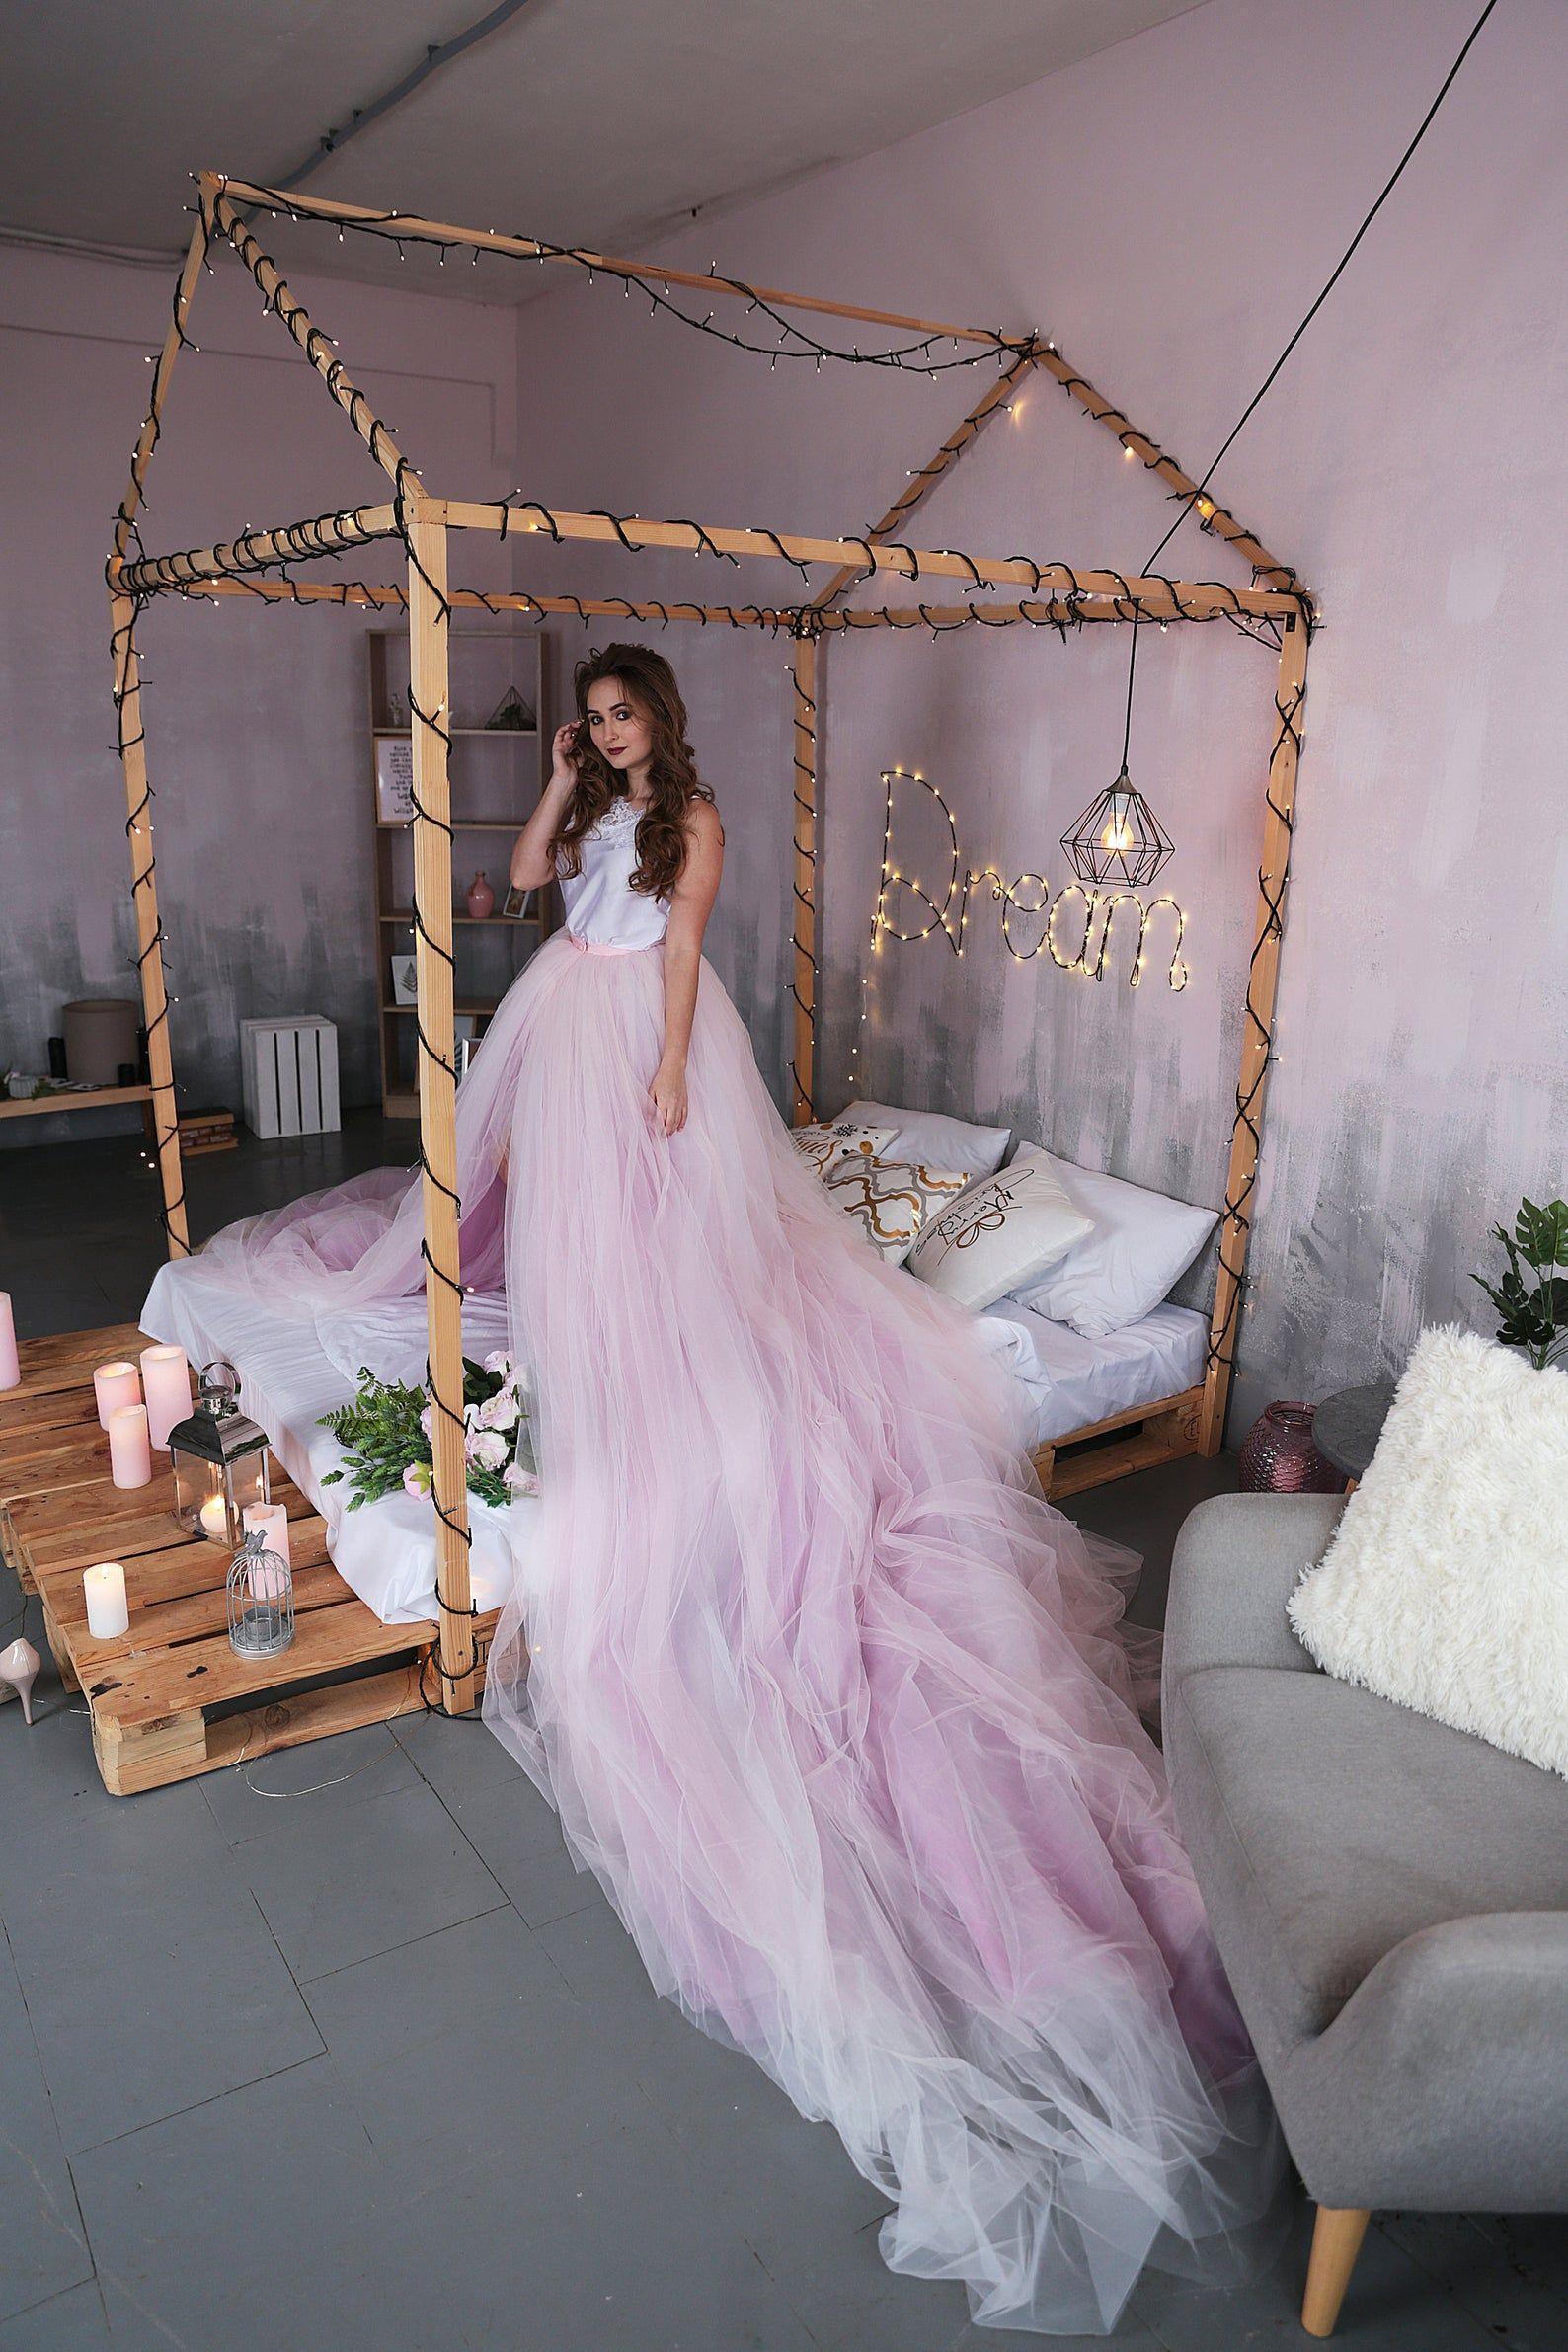 Detachable Tulle Bridal Skirt / Overskirt With Long Train